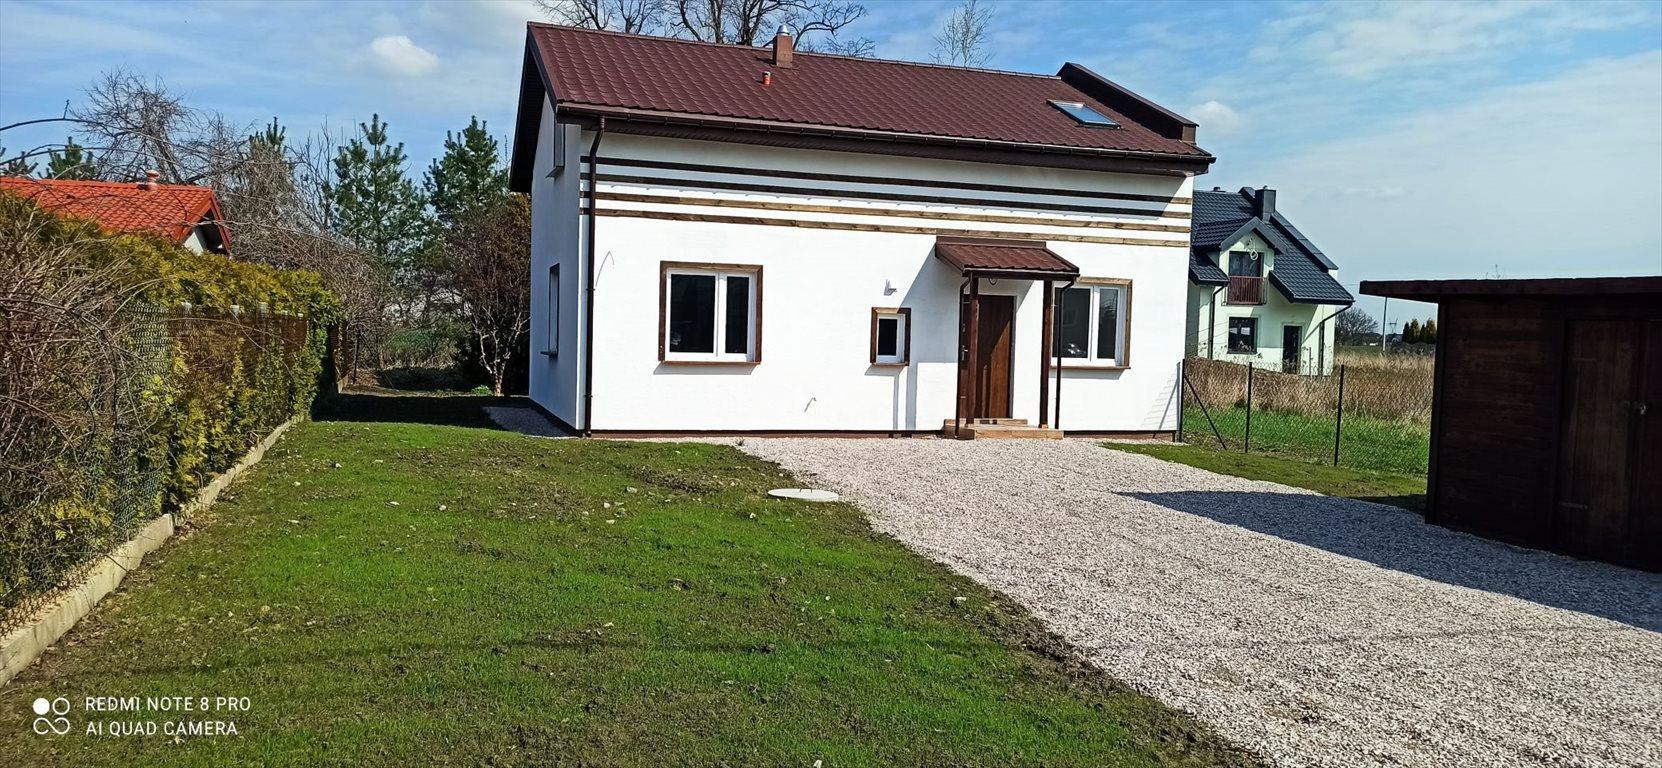 Dom na sprzedaż Ożarów Mazowiecki, Wolskie, Wolskie  145m2 Foto 1